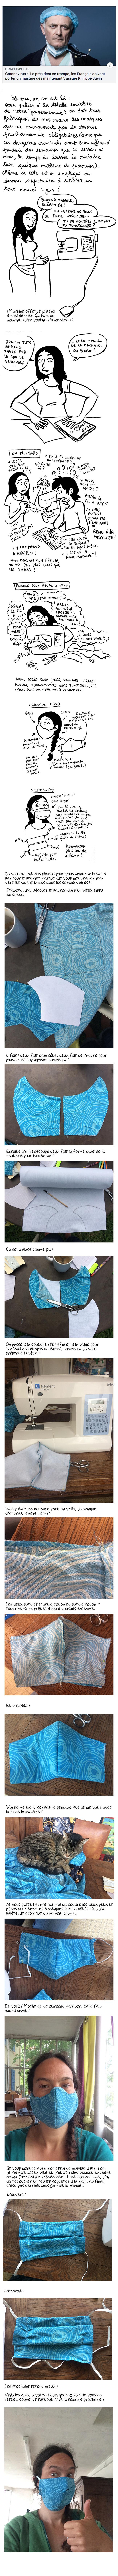 http://melaka.free.fr/blog/masques.jpg